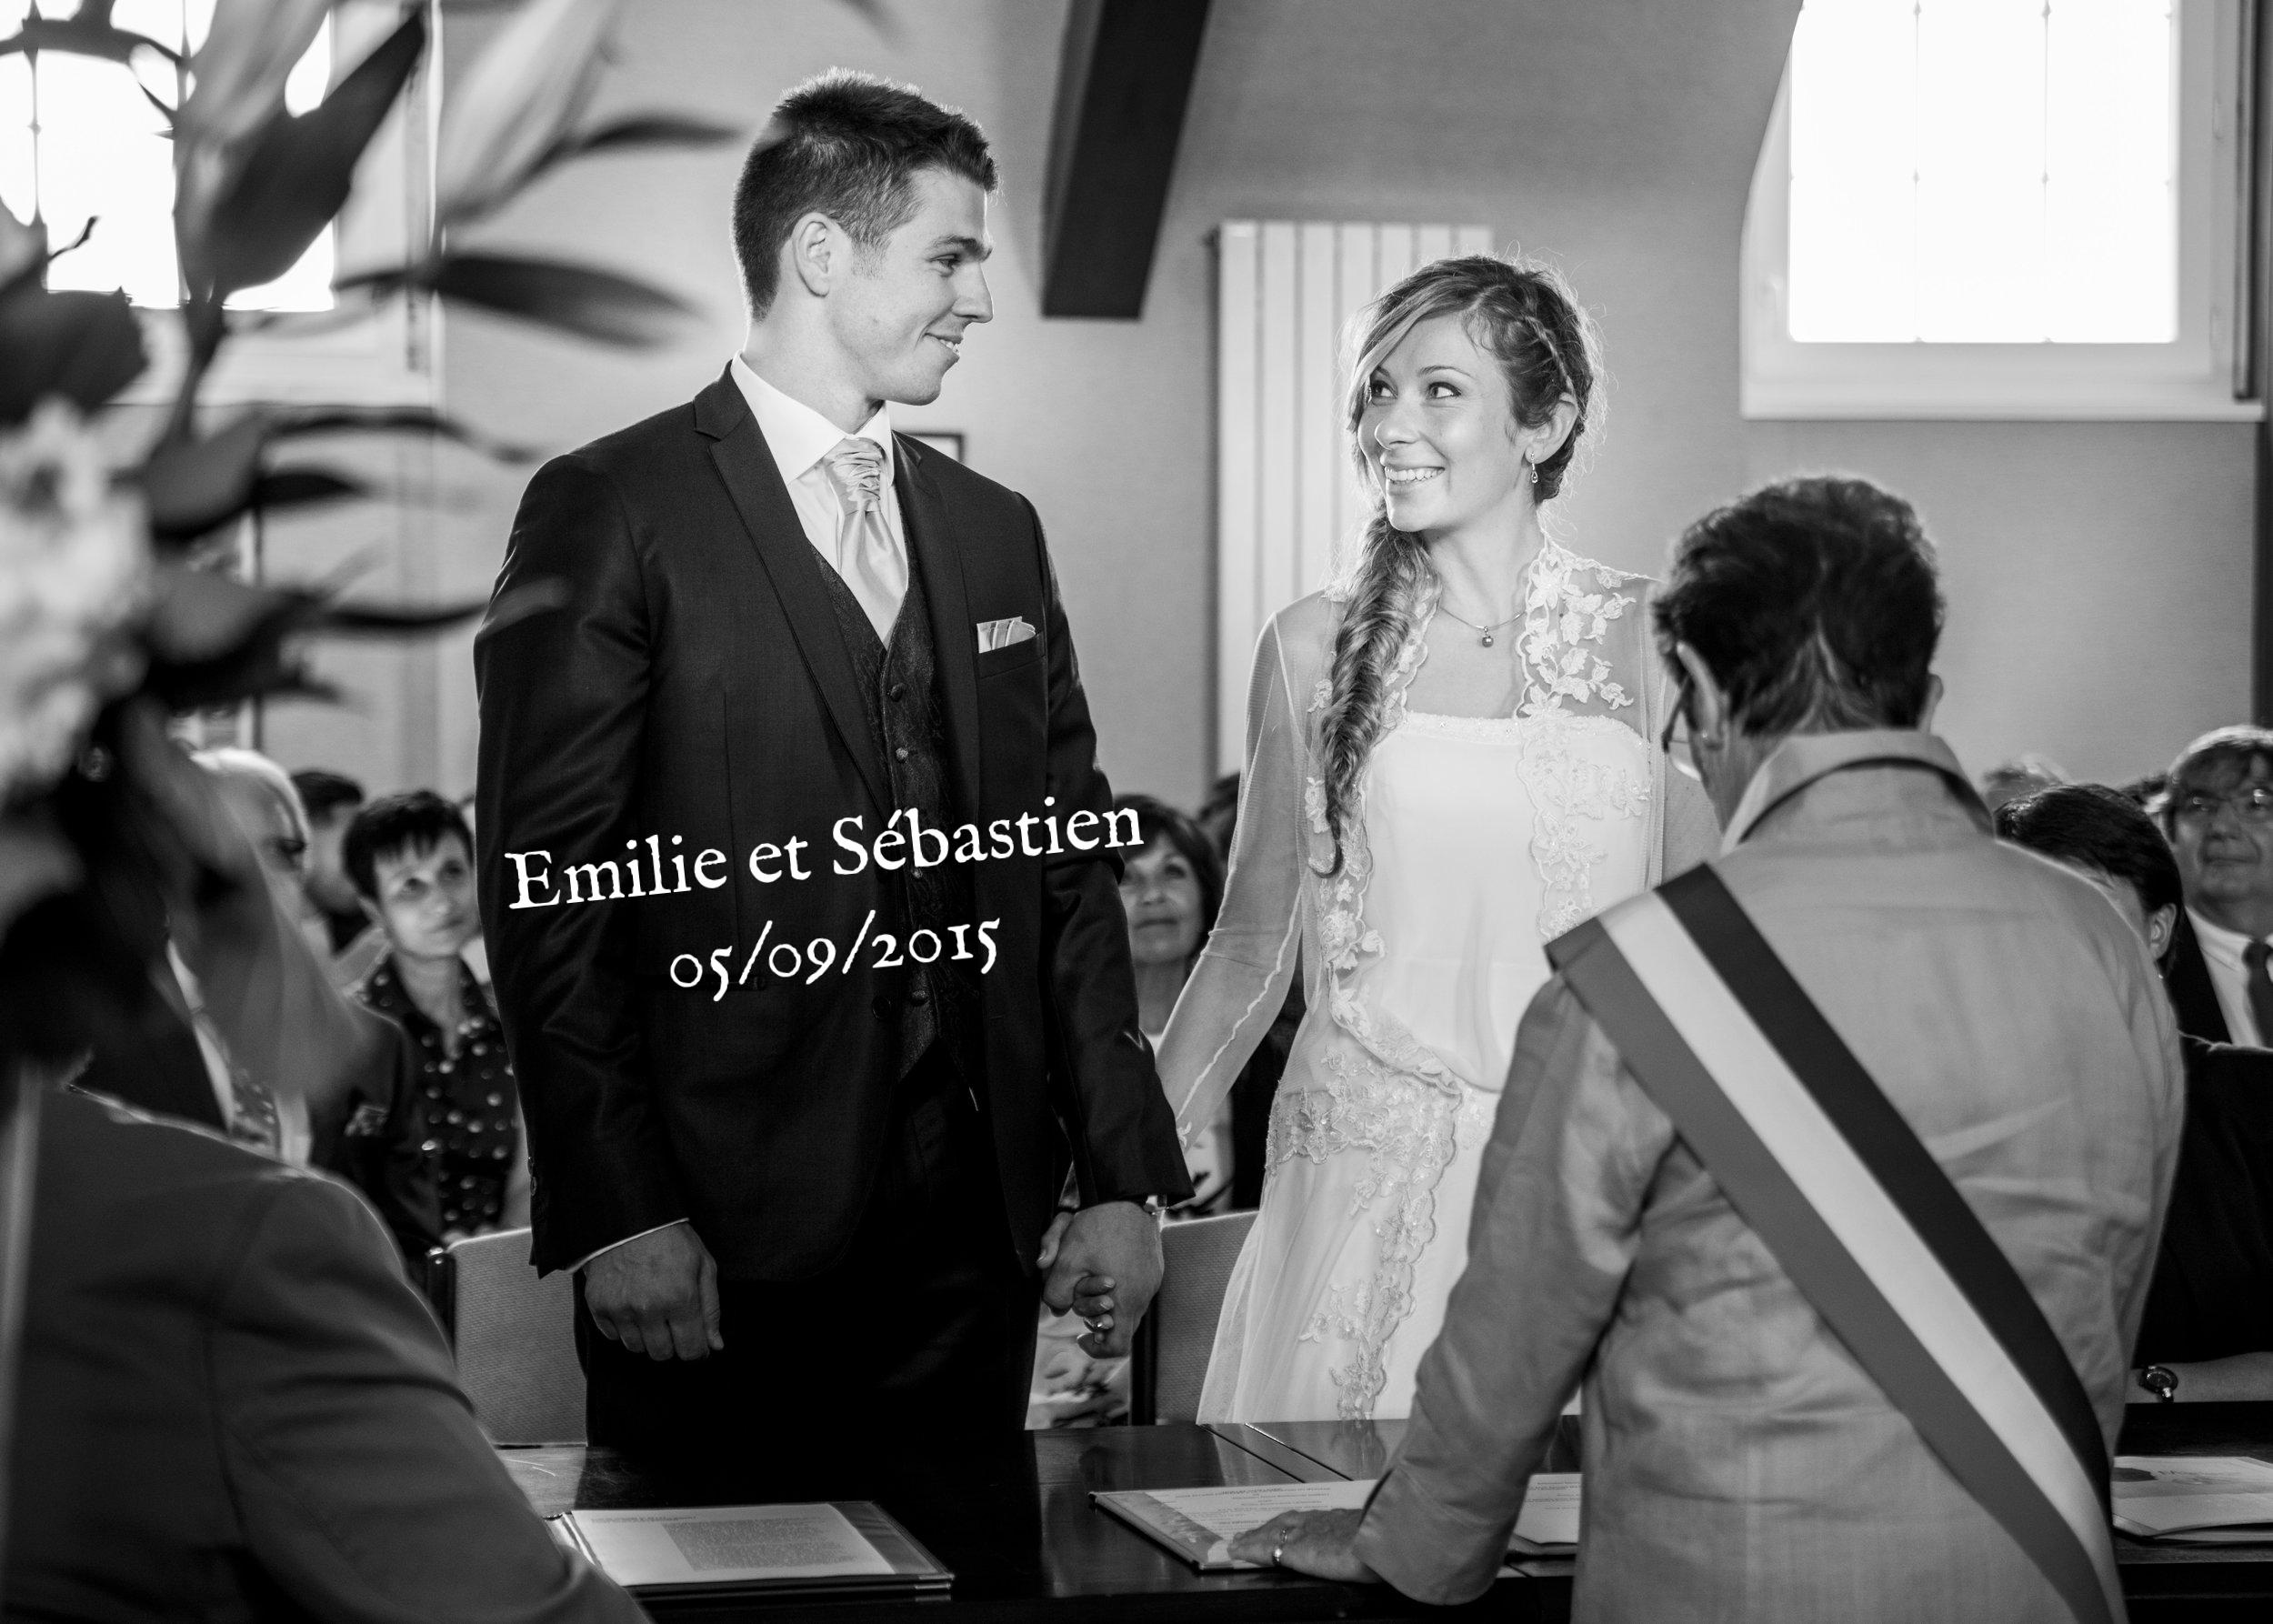 Emilie et sebastien - 05092015.jpg